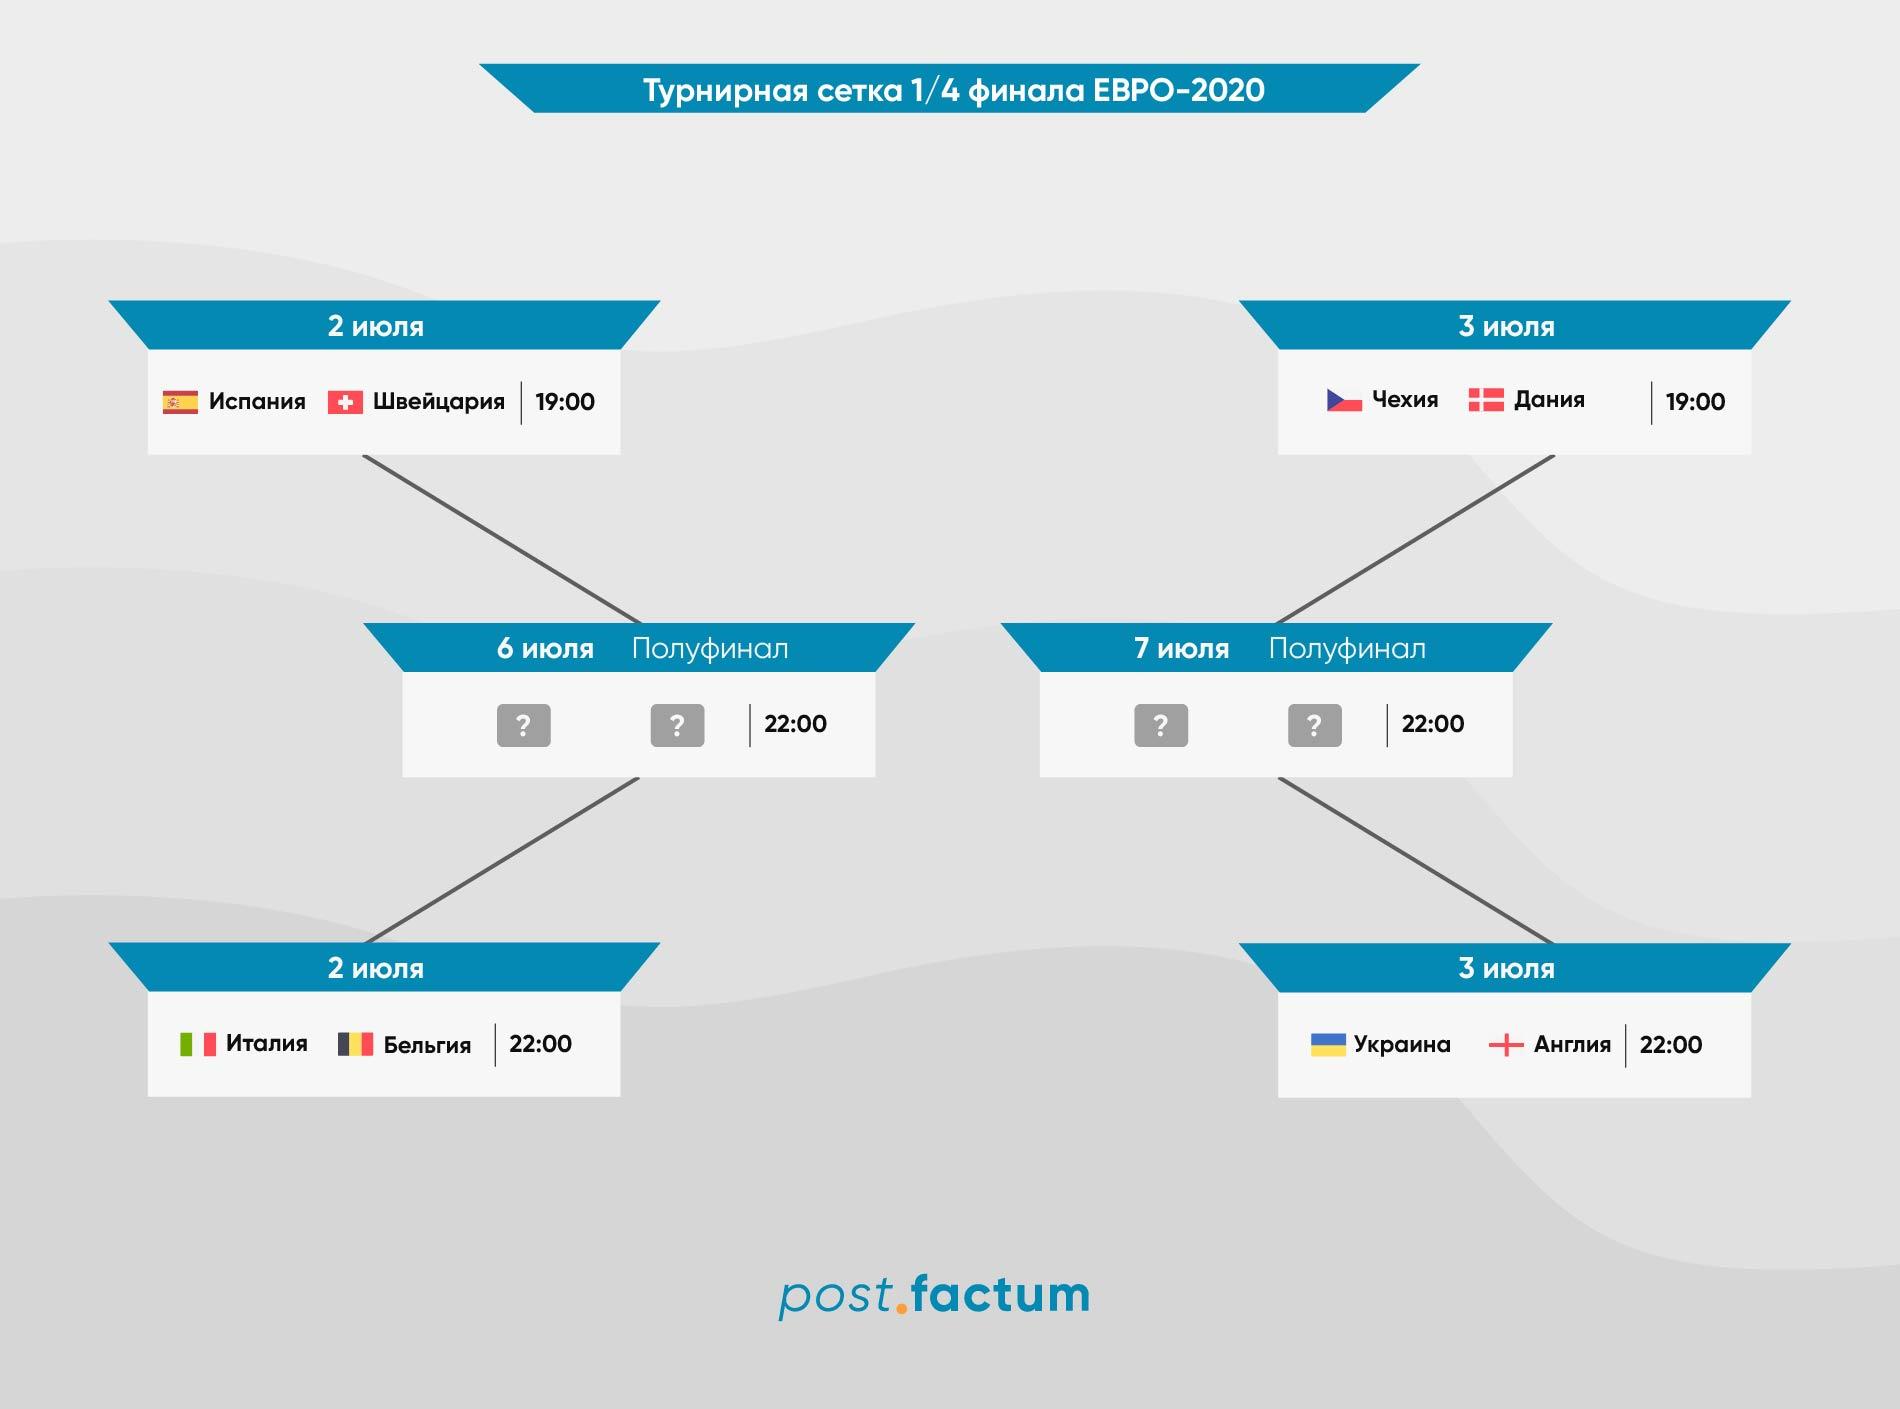 Инфографика: где и когда смотреть четвертьфиналы Евро-2020 — фото 1